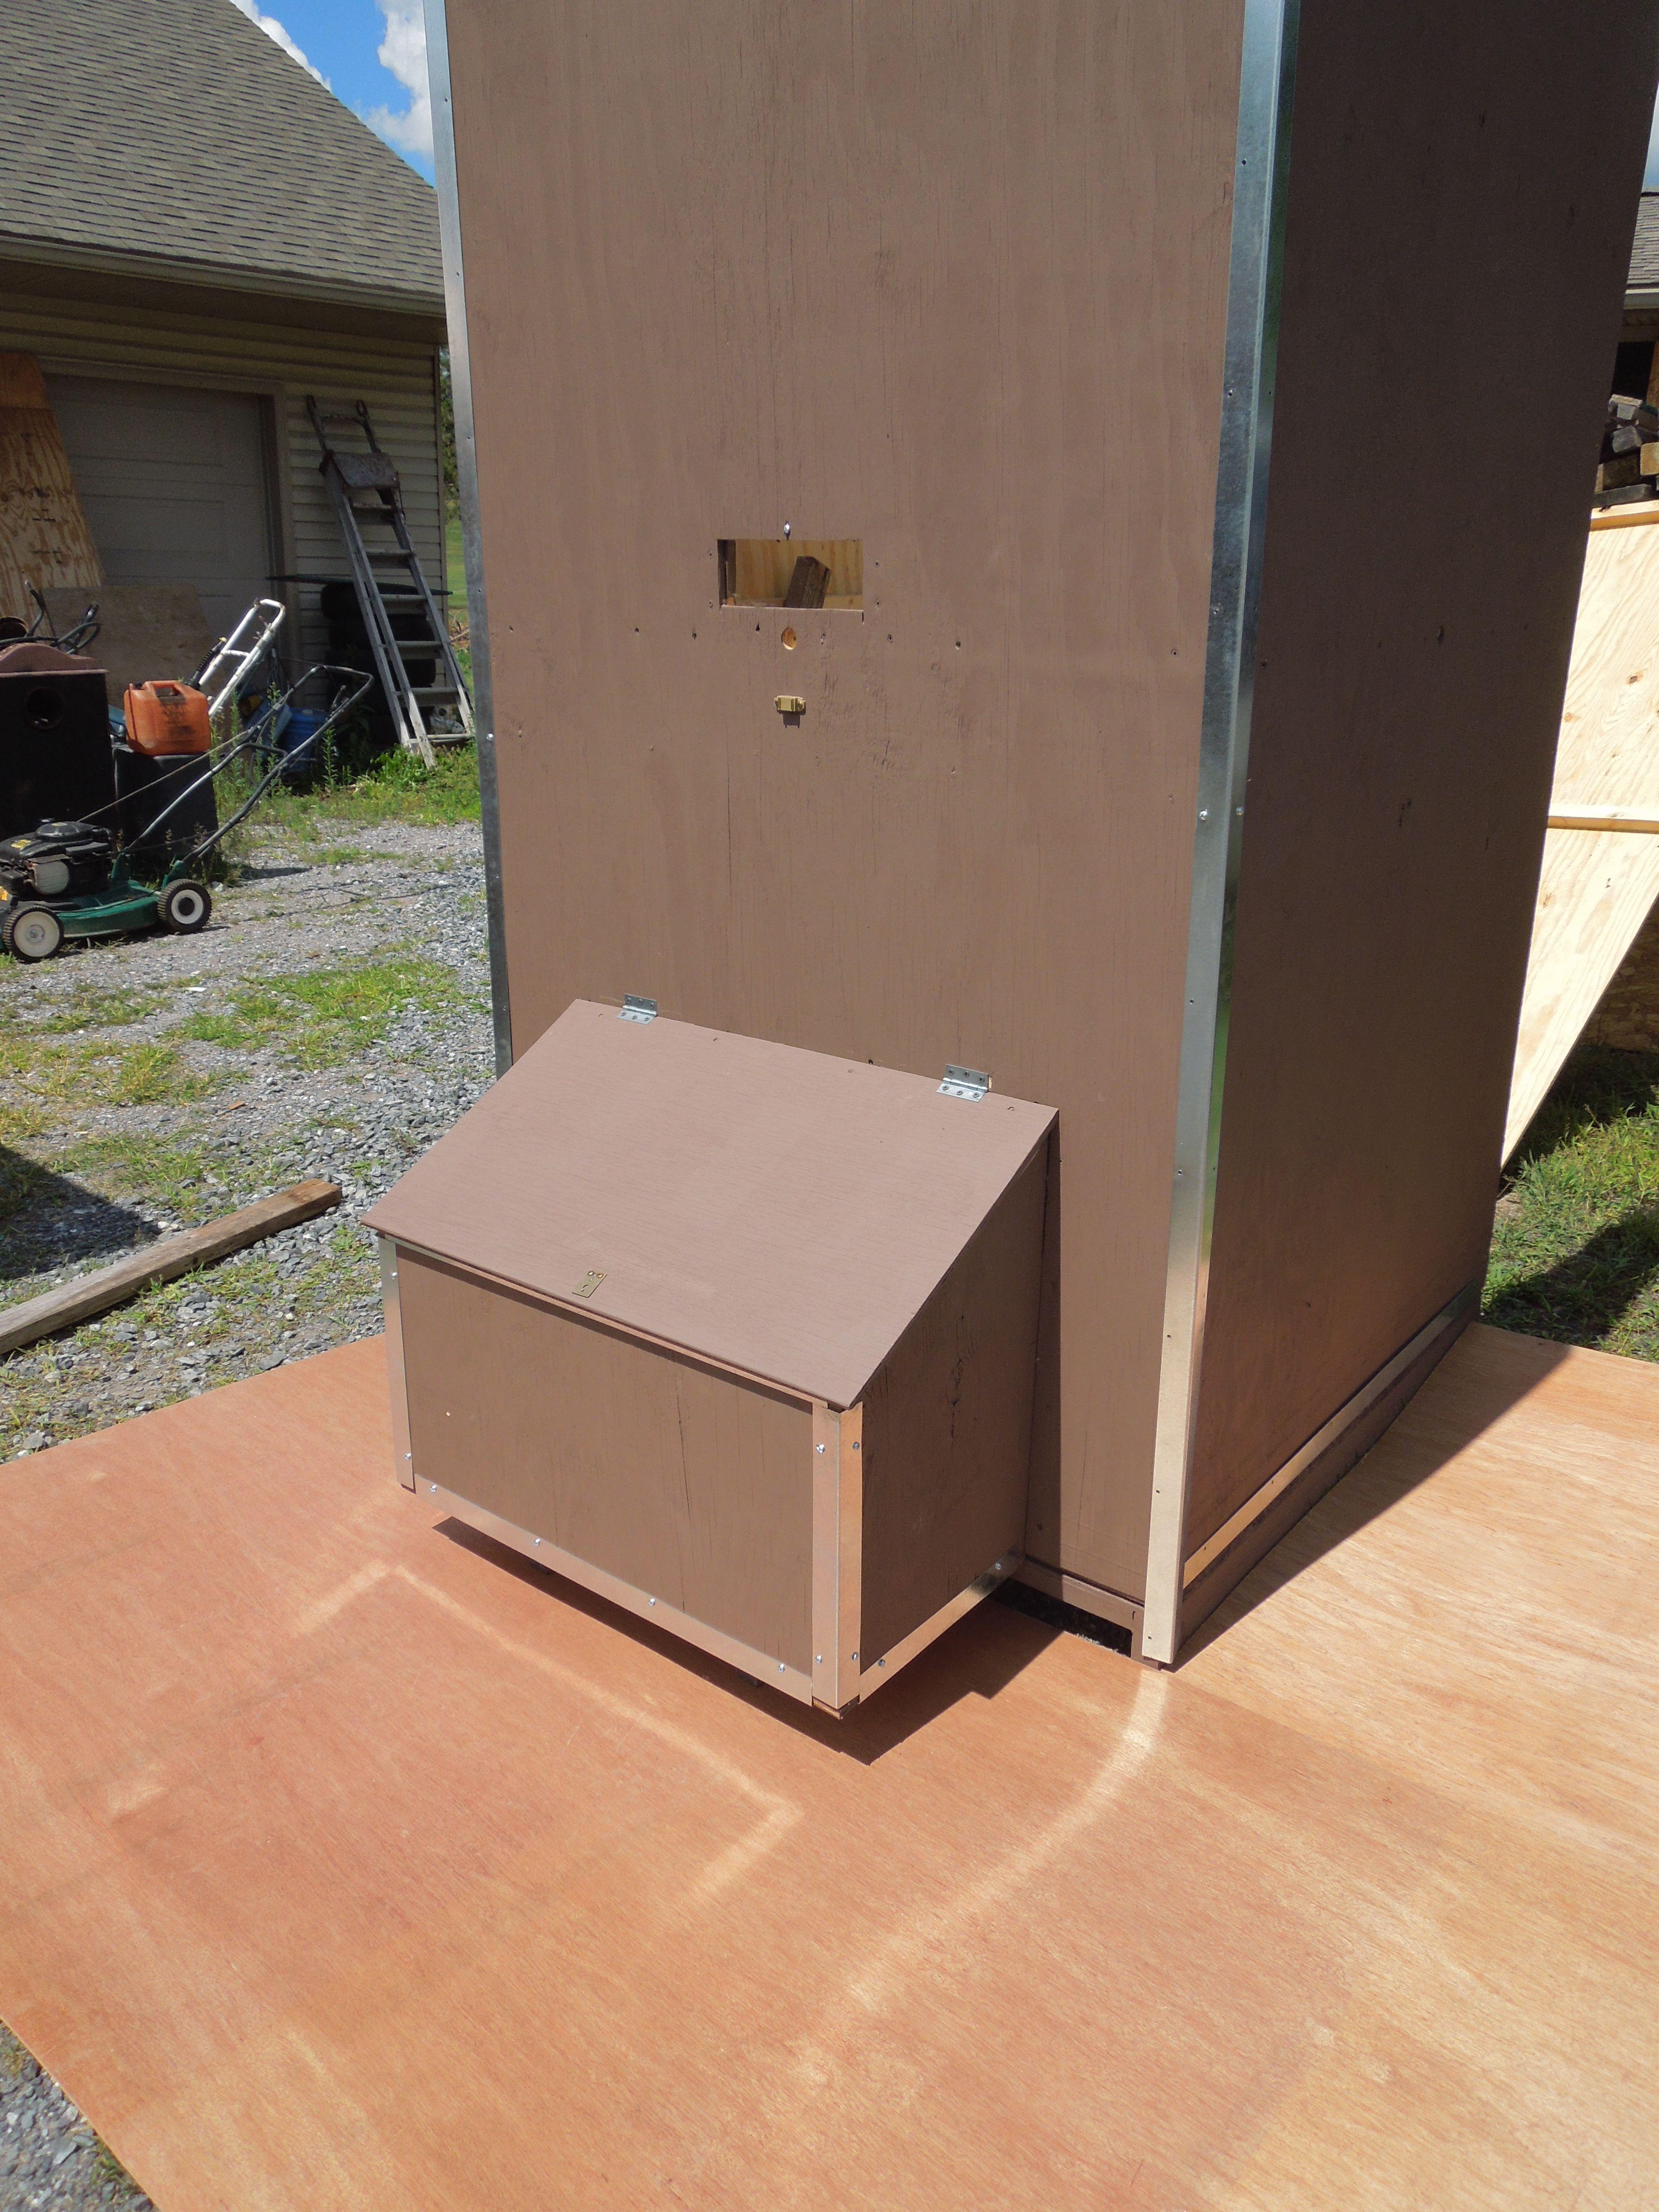 Wood Pellet Storage Bin Plans Free Diy For Pellet Stove Wood Pellets Pellet Wood